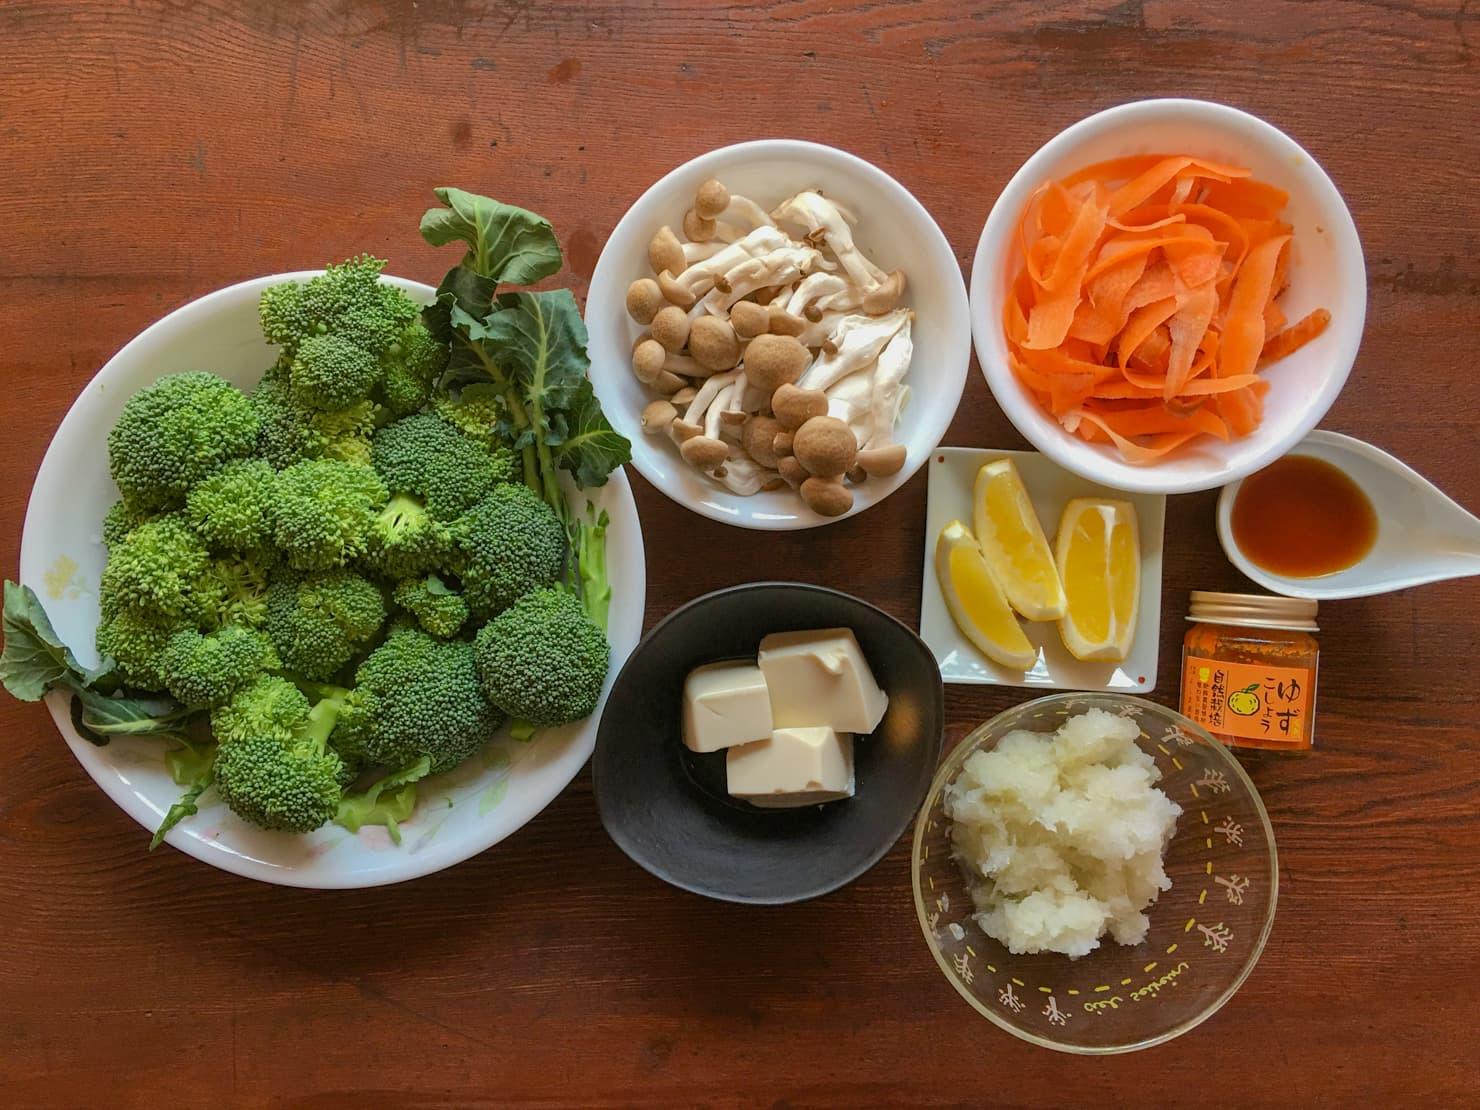 ブロッコリーの鍋の材料の写真